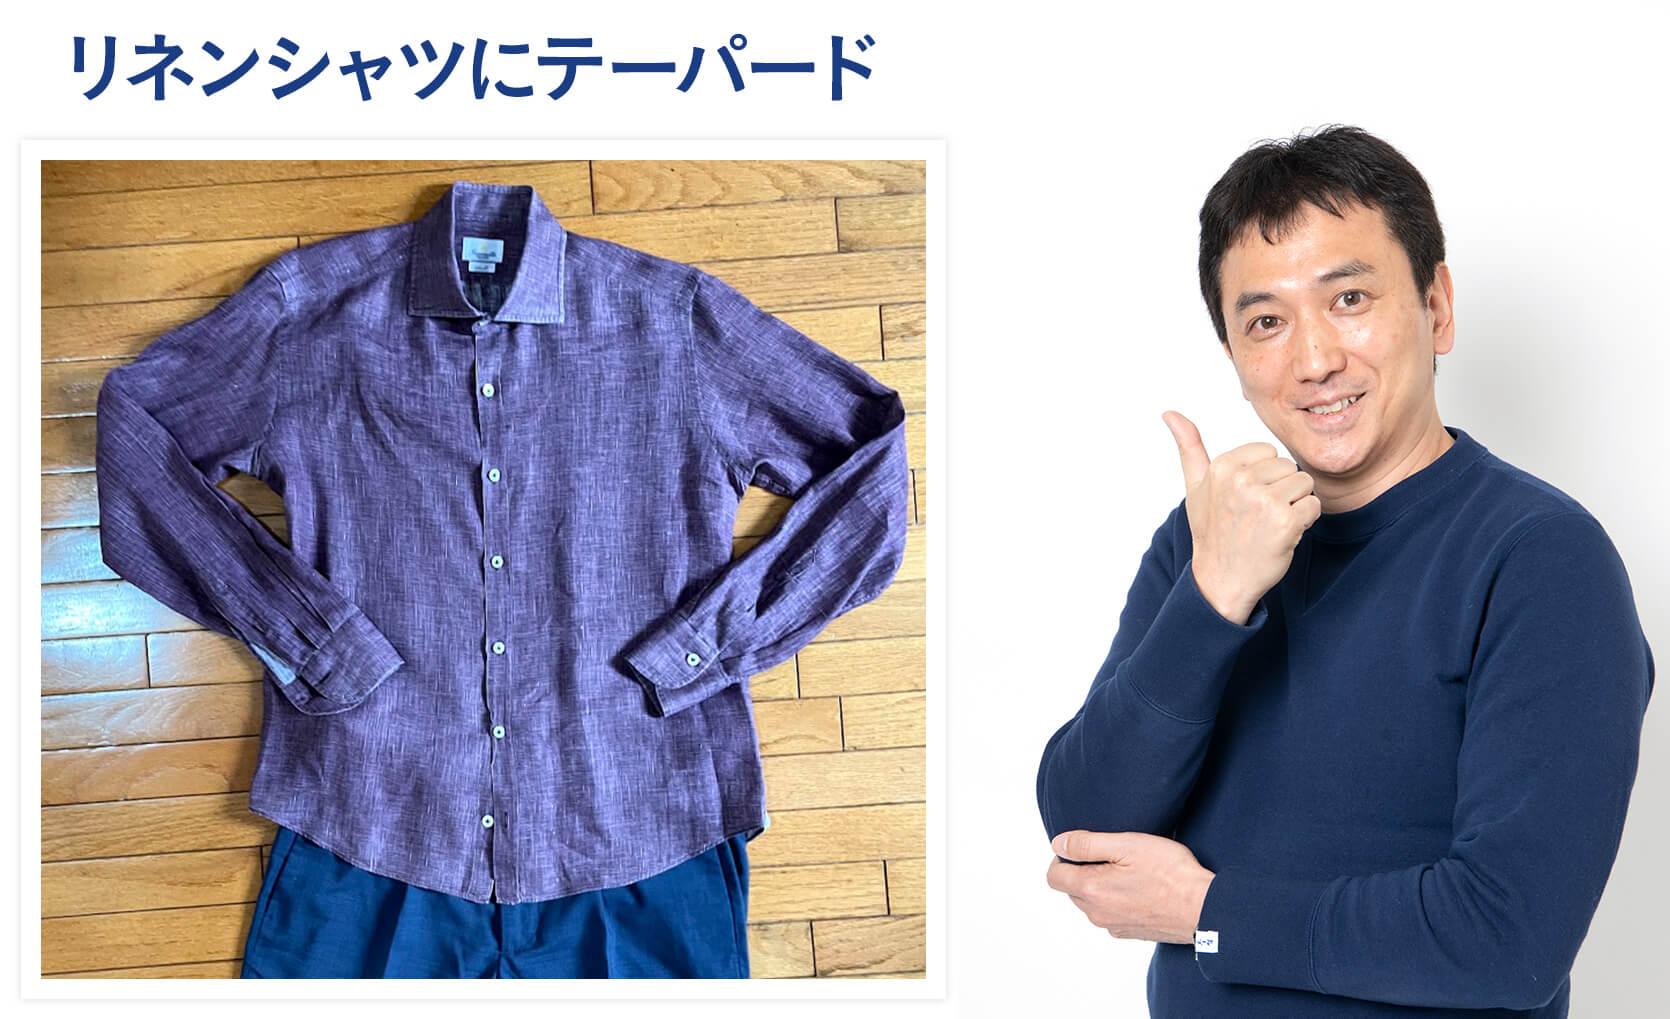 リネンシャツはジャンネットのものが好きで4枚持ってます。パンツはテーパードがしっくりきます。